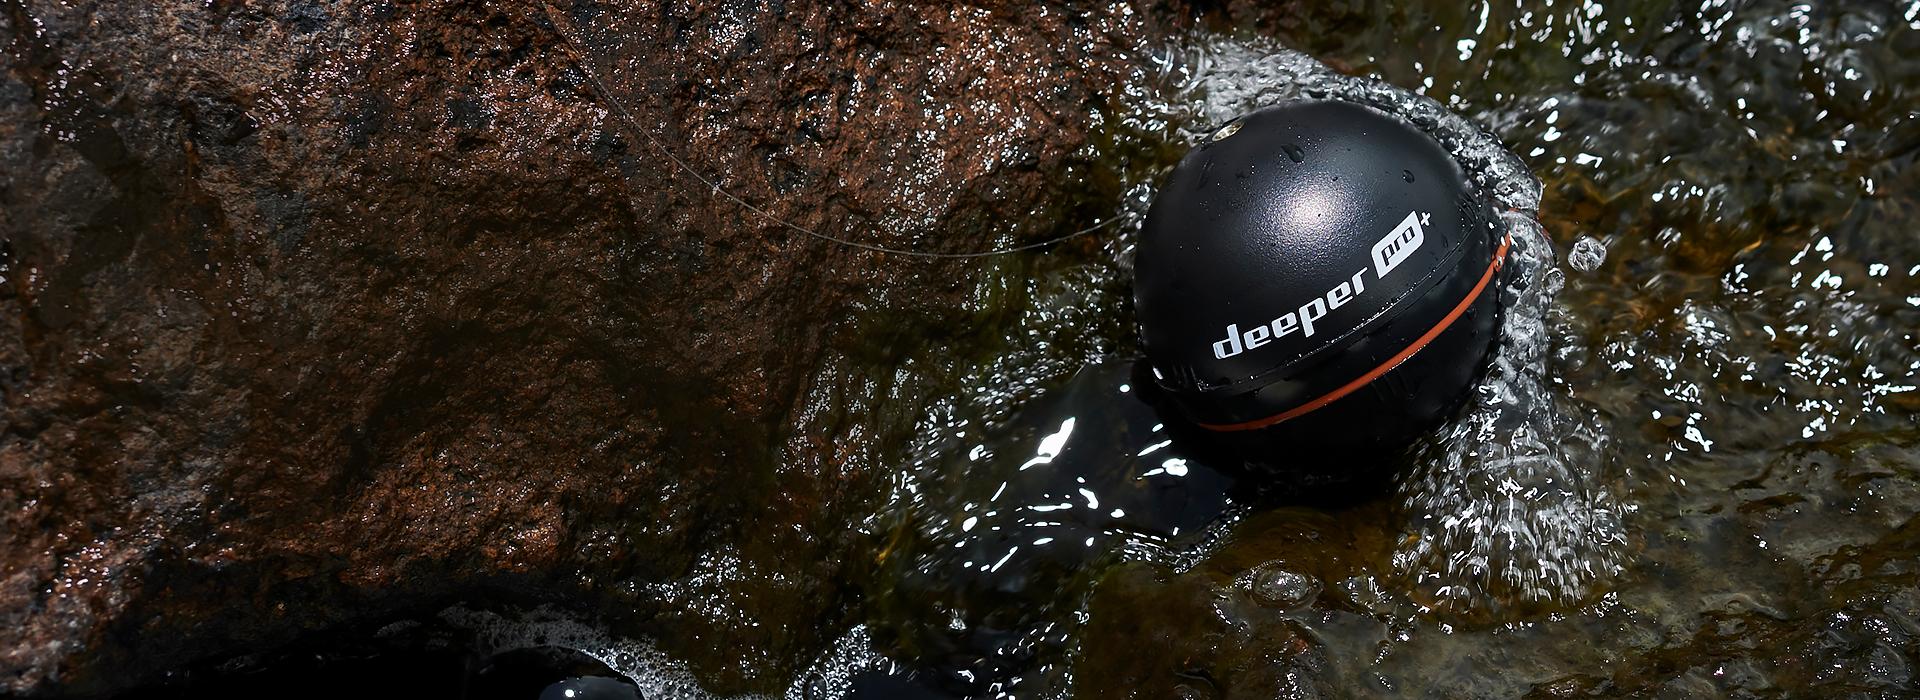 次の釣りの波に乗る準備をしよう!あなた専用の Deeper ソナーをゲット(値段は26,990円~)